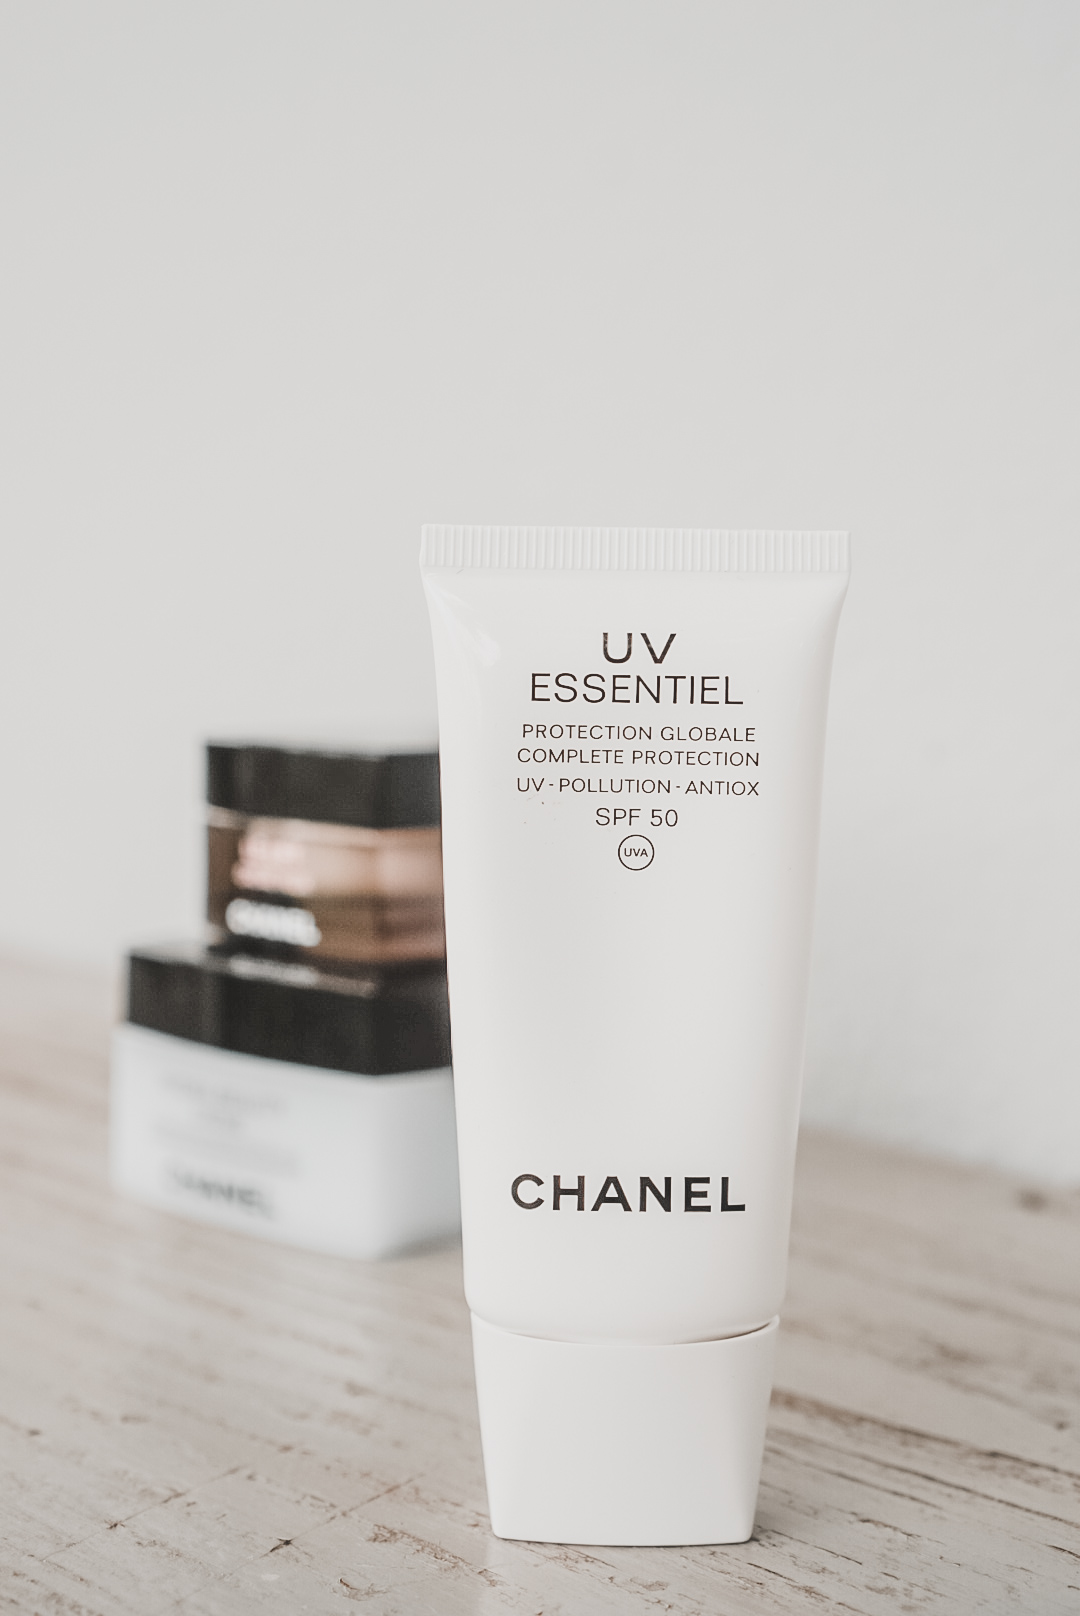 Chanel Sonnenpflege